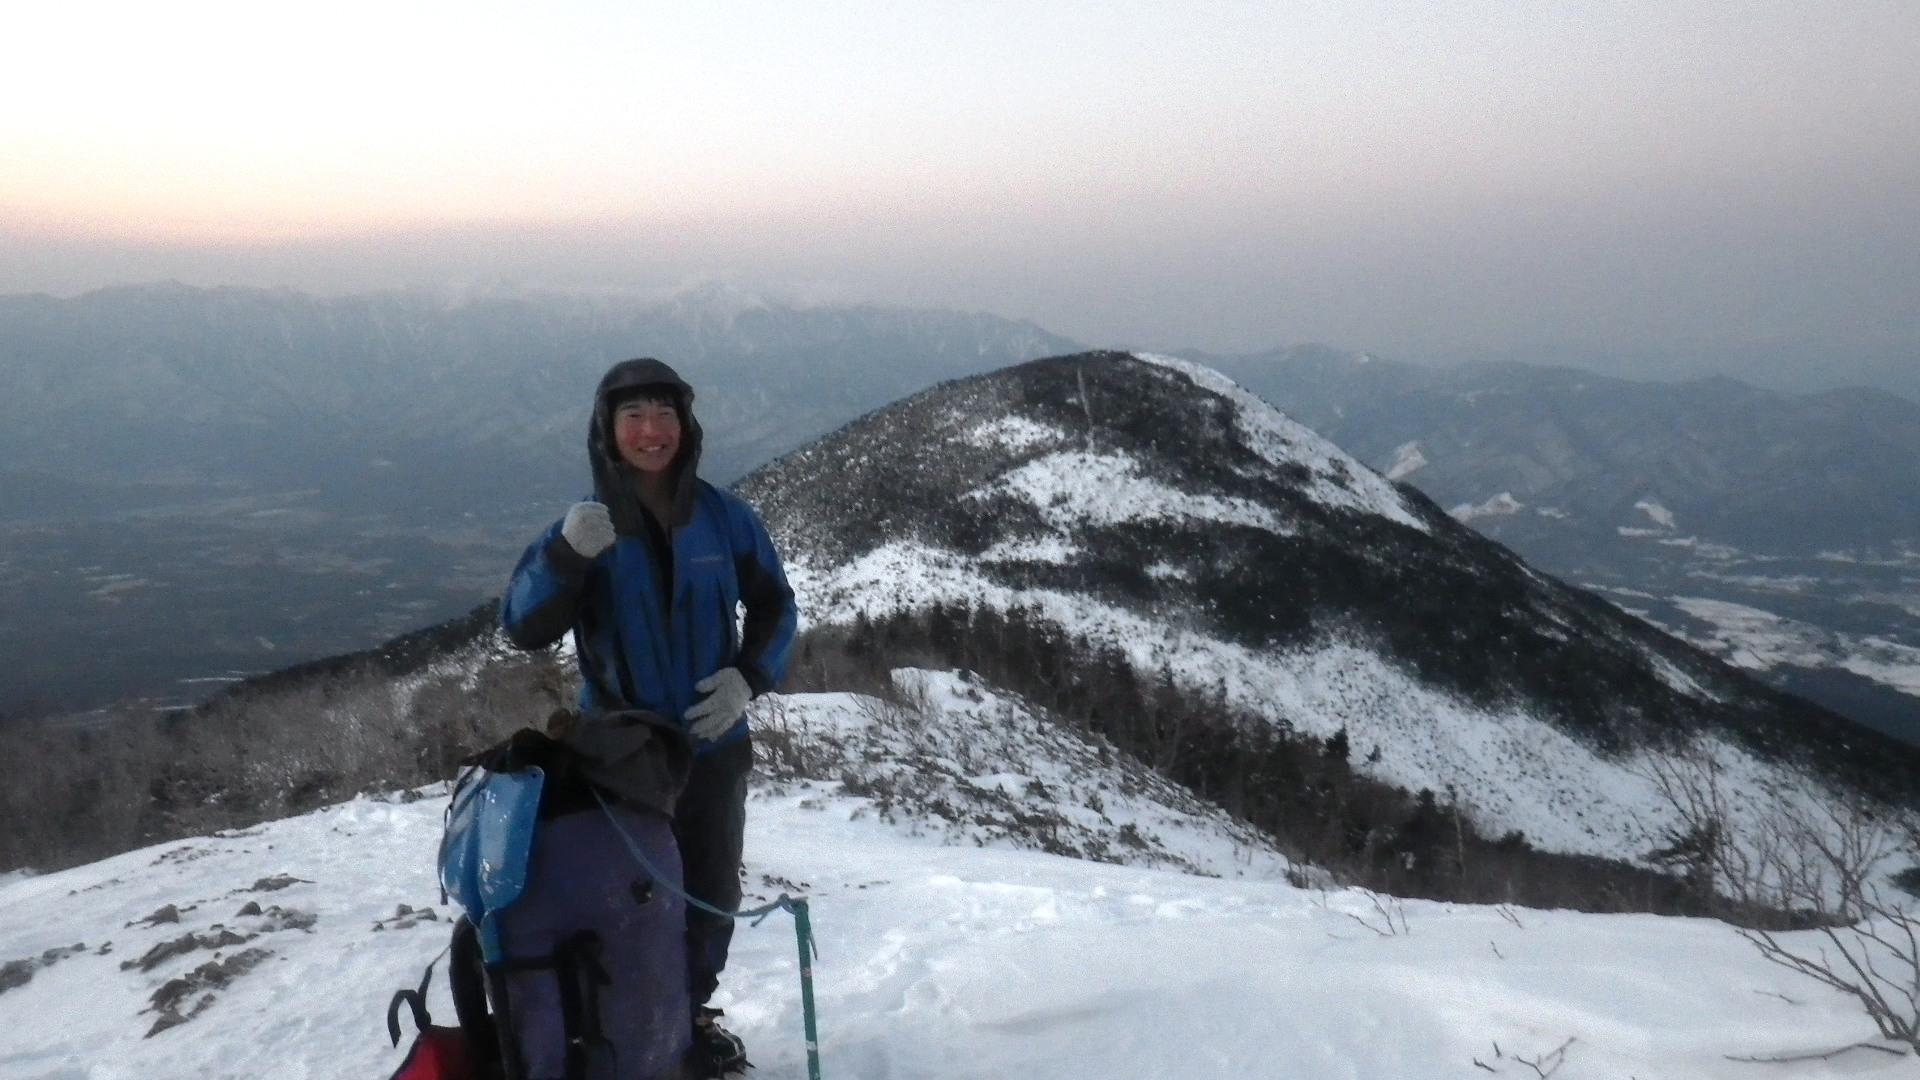 冬の八ヶ岳にSACが集う【八ヶ岳キレット縦走】_d0237801_0415446.jpg